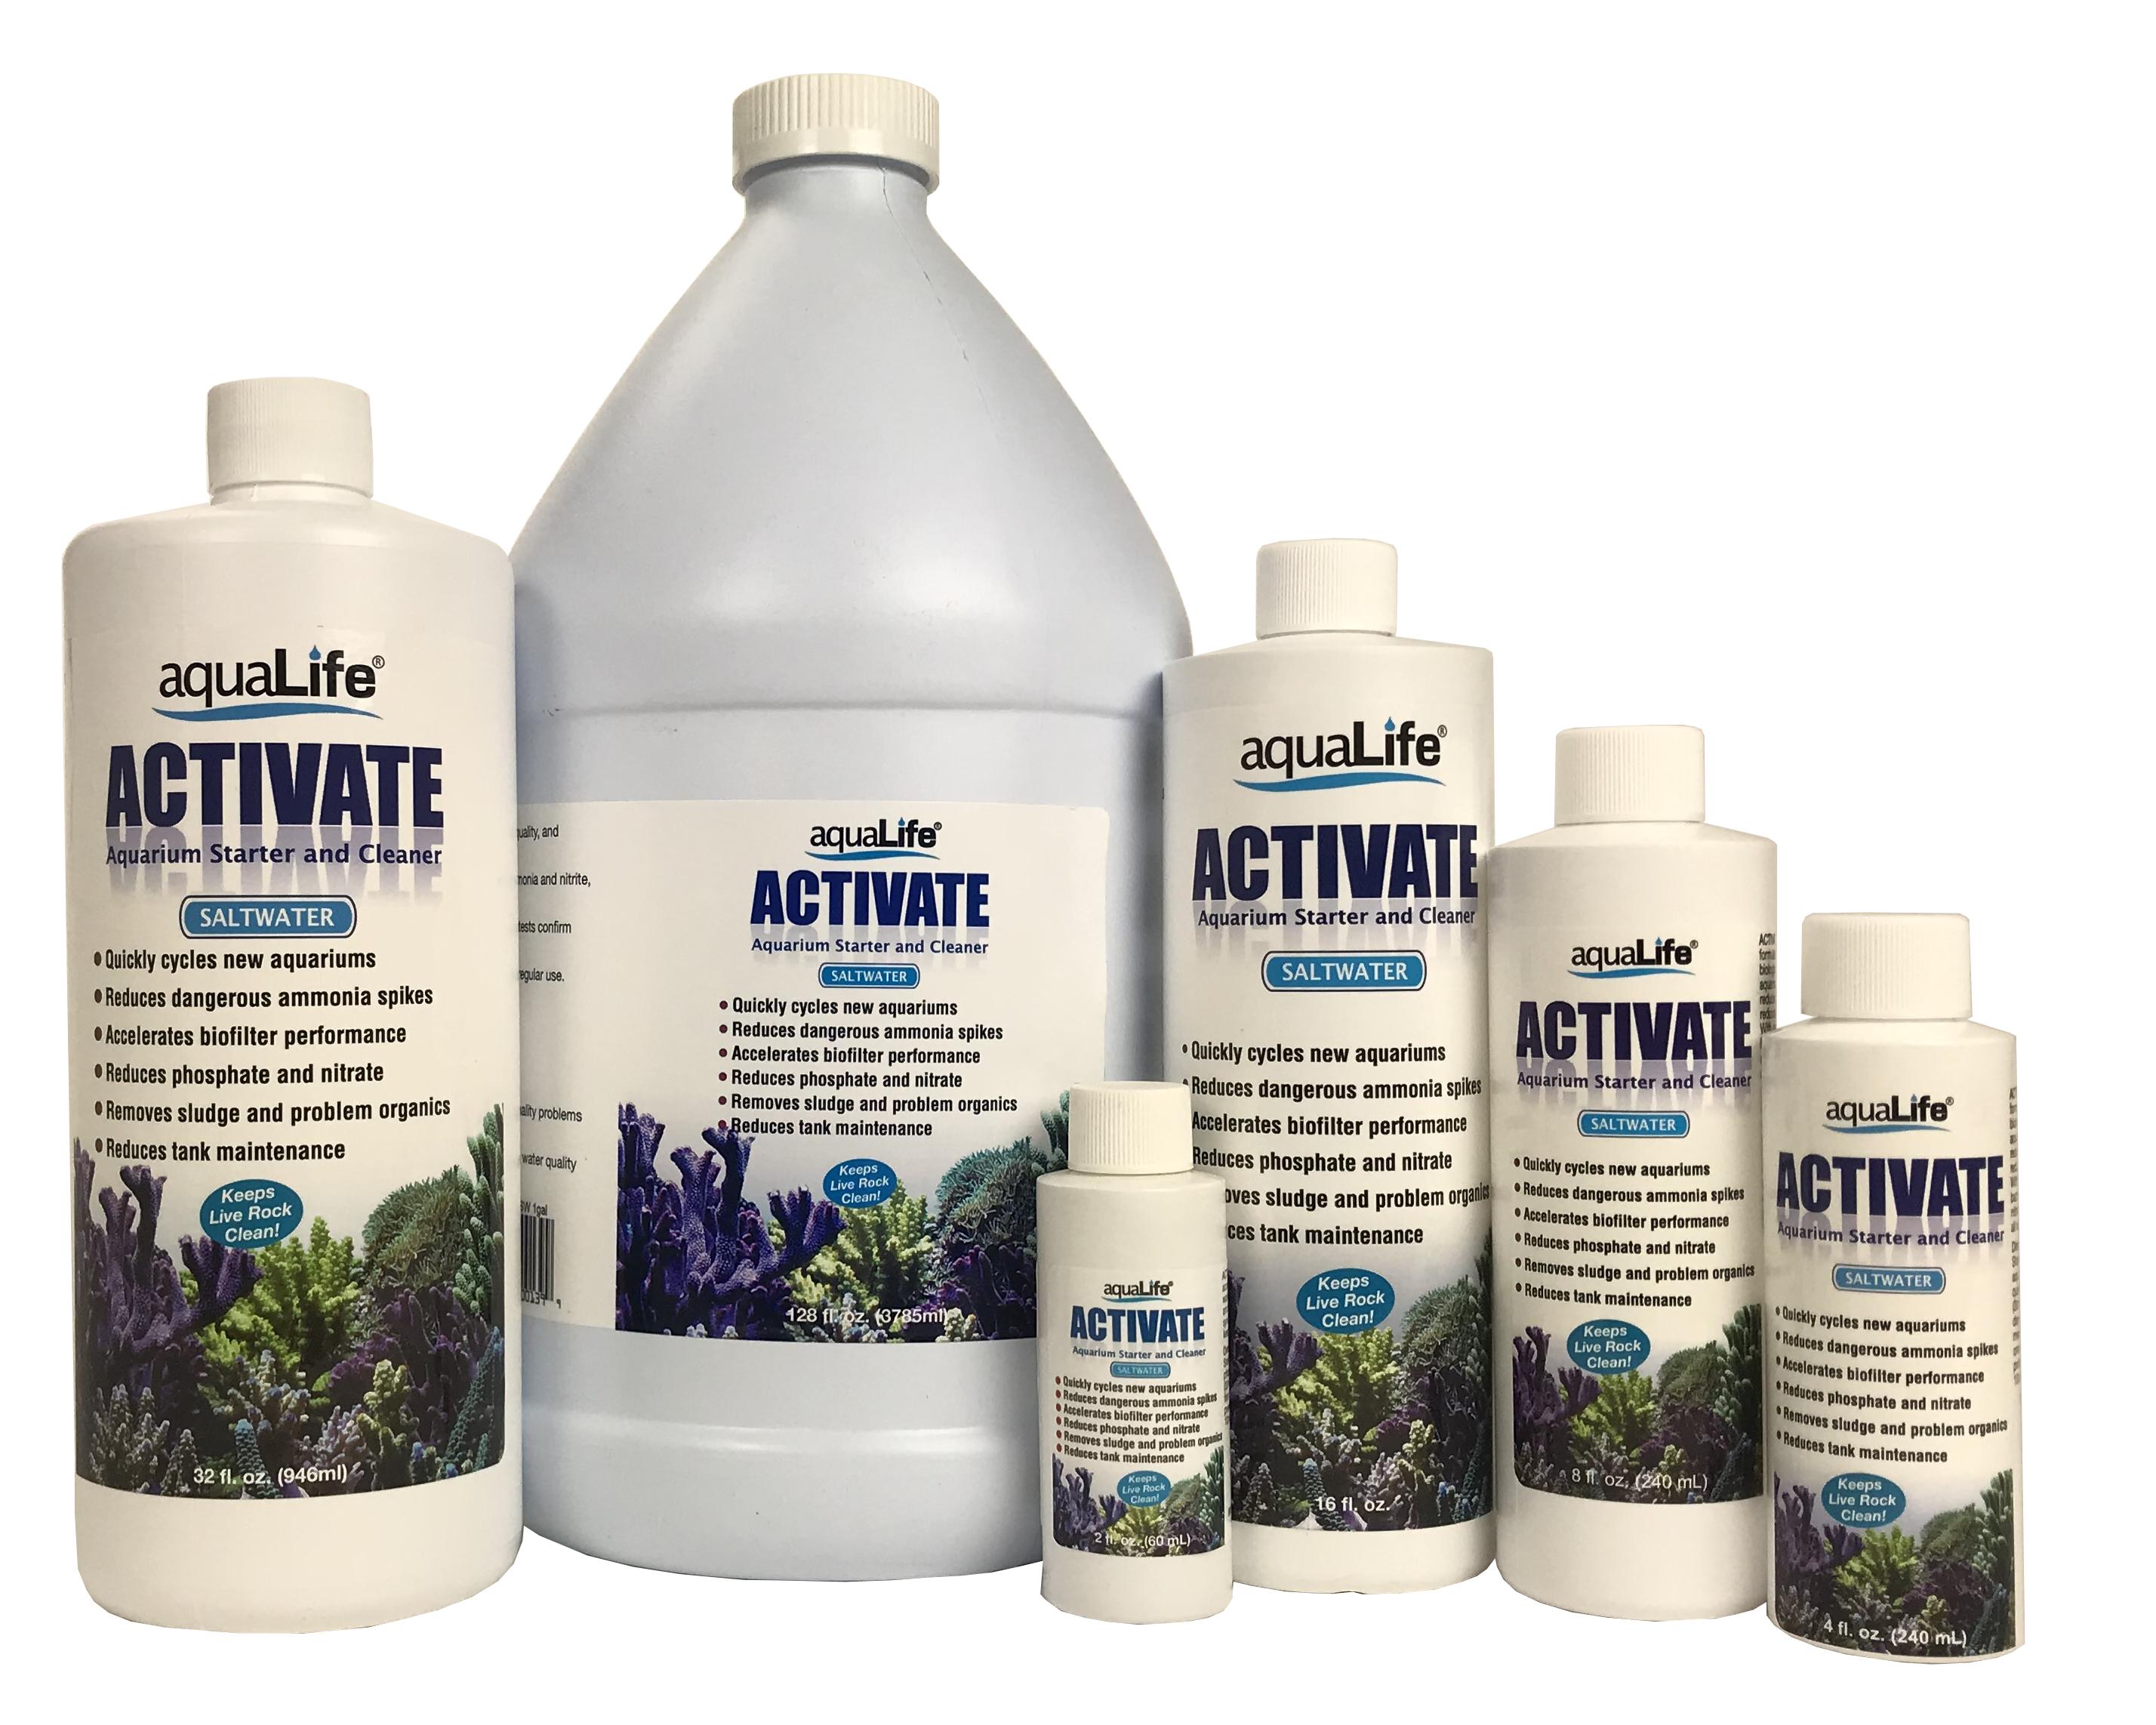 Activate Saltwater Gallon Aquarium Starter and Cleaner